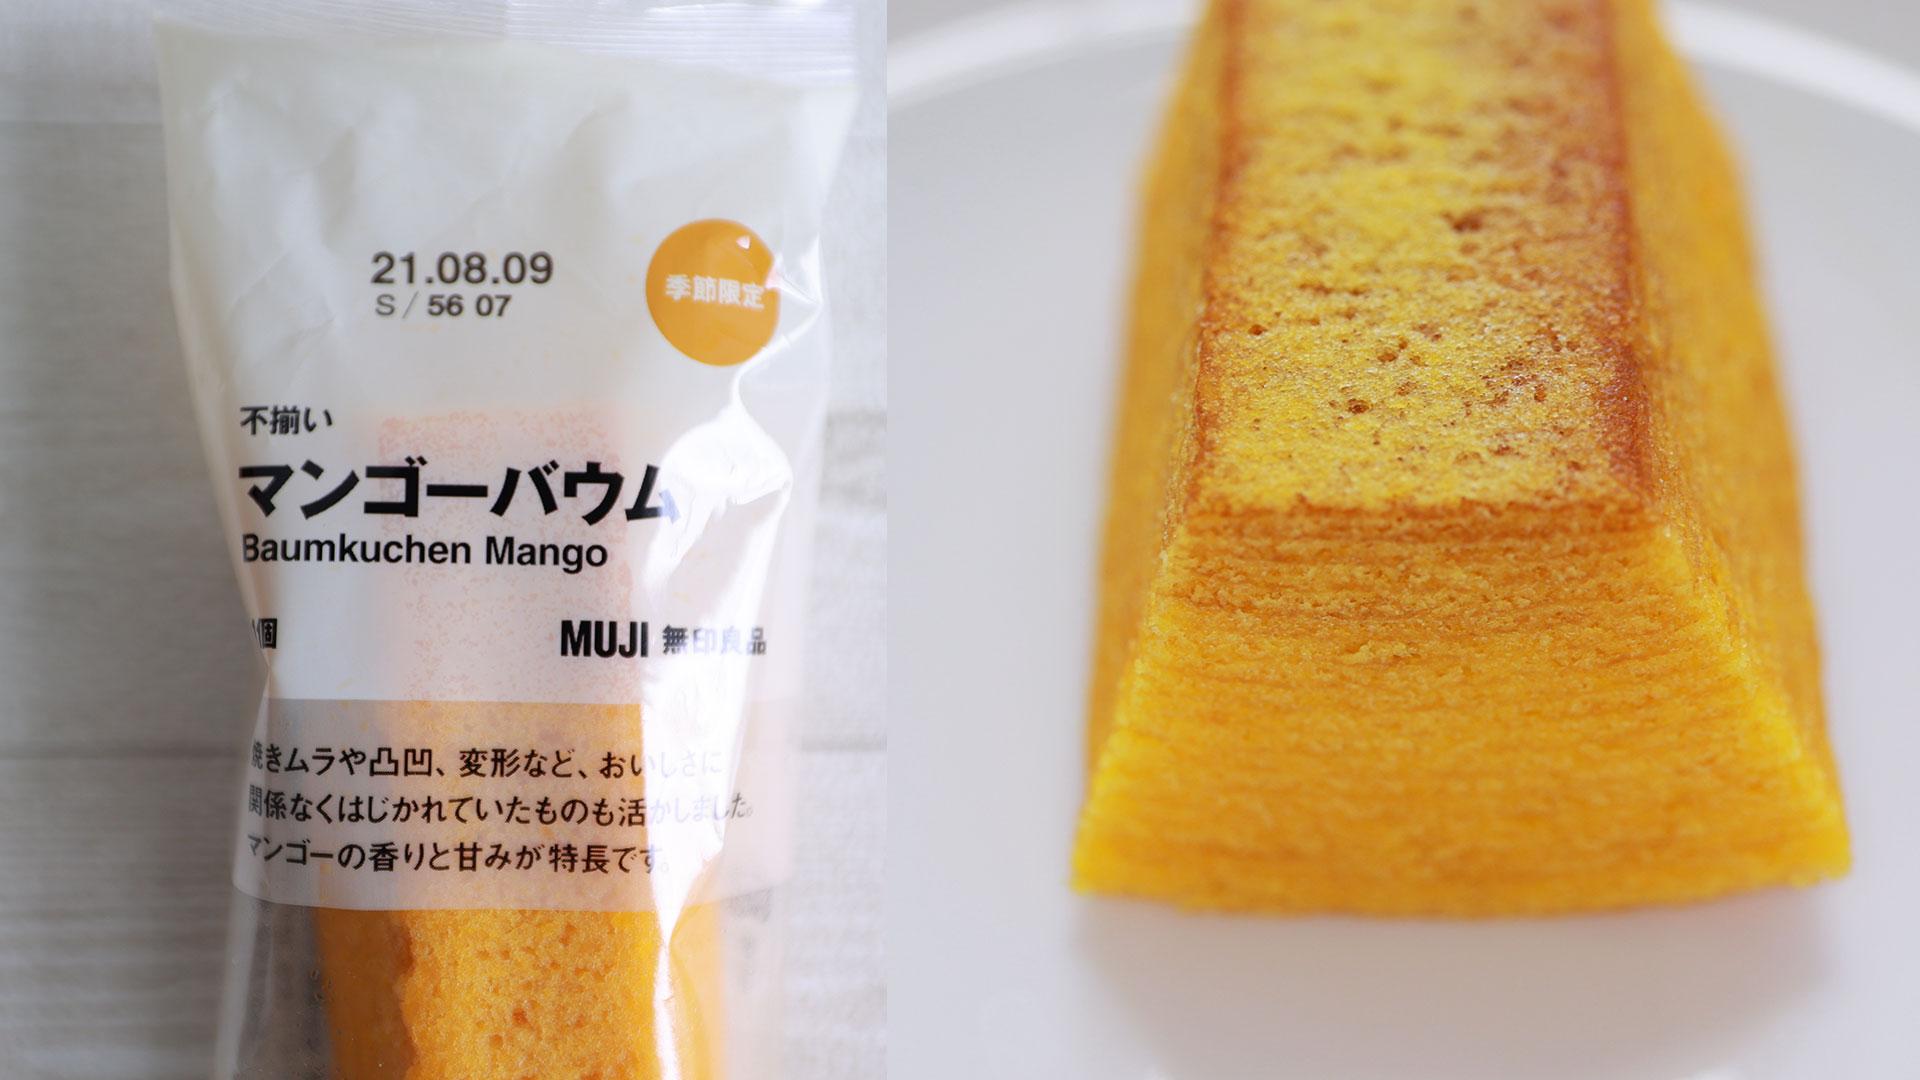 マンゴーの香りと甘みが特長